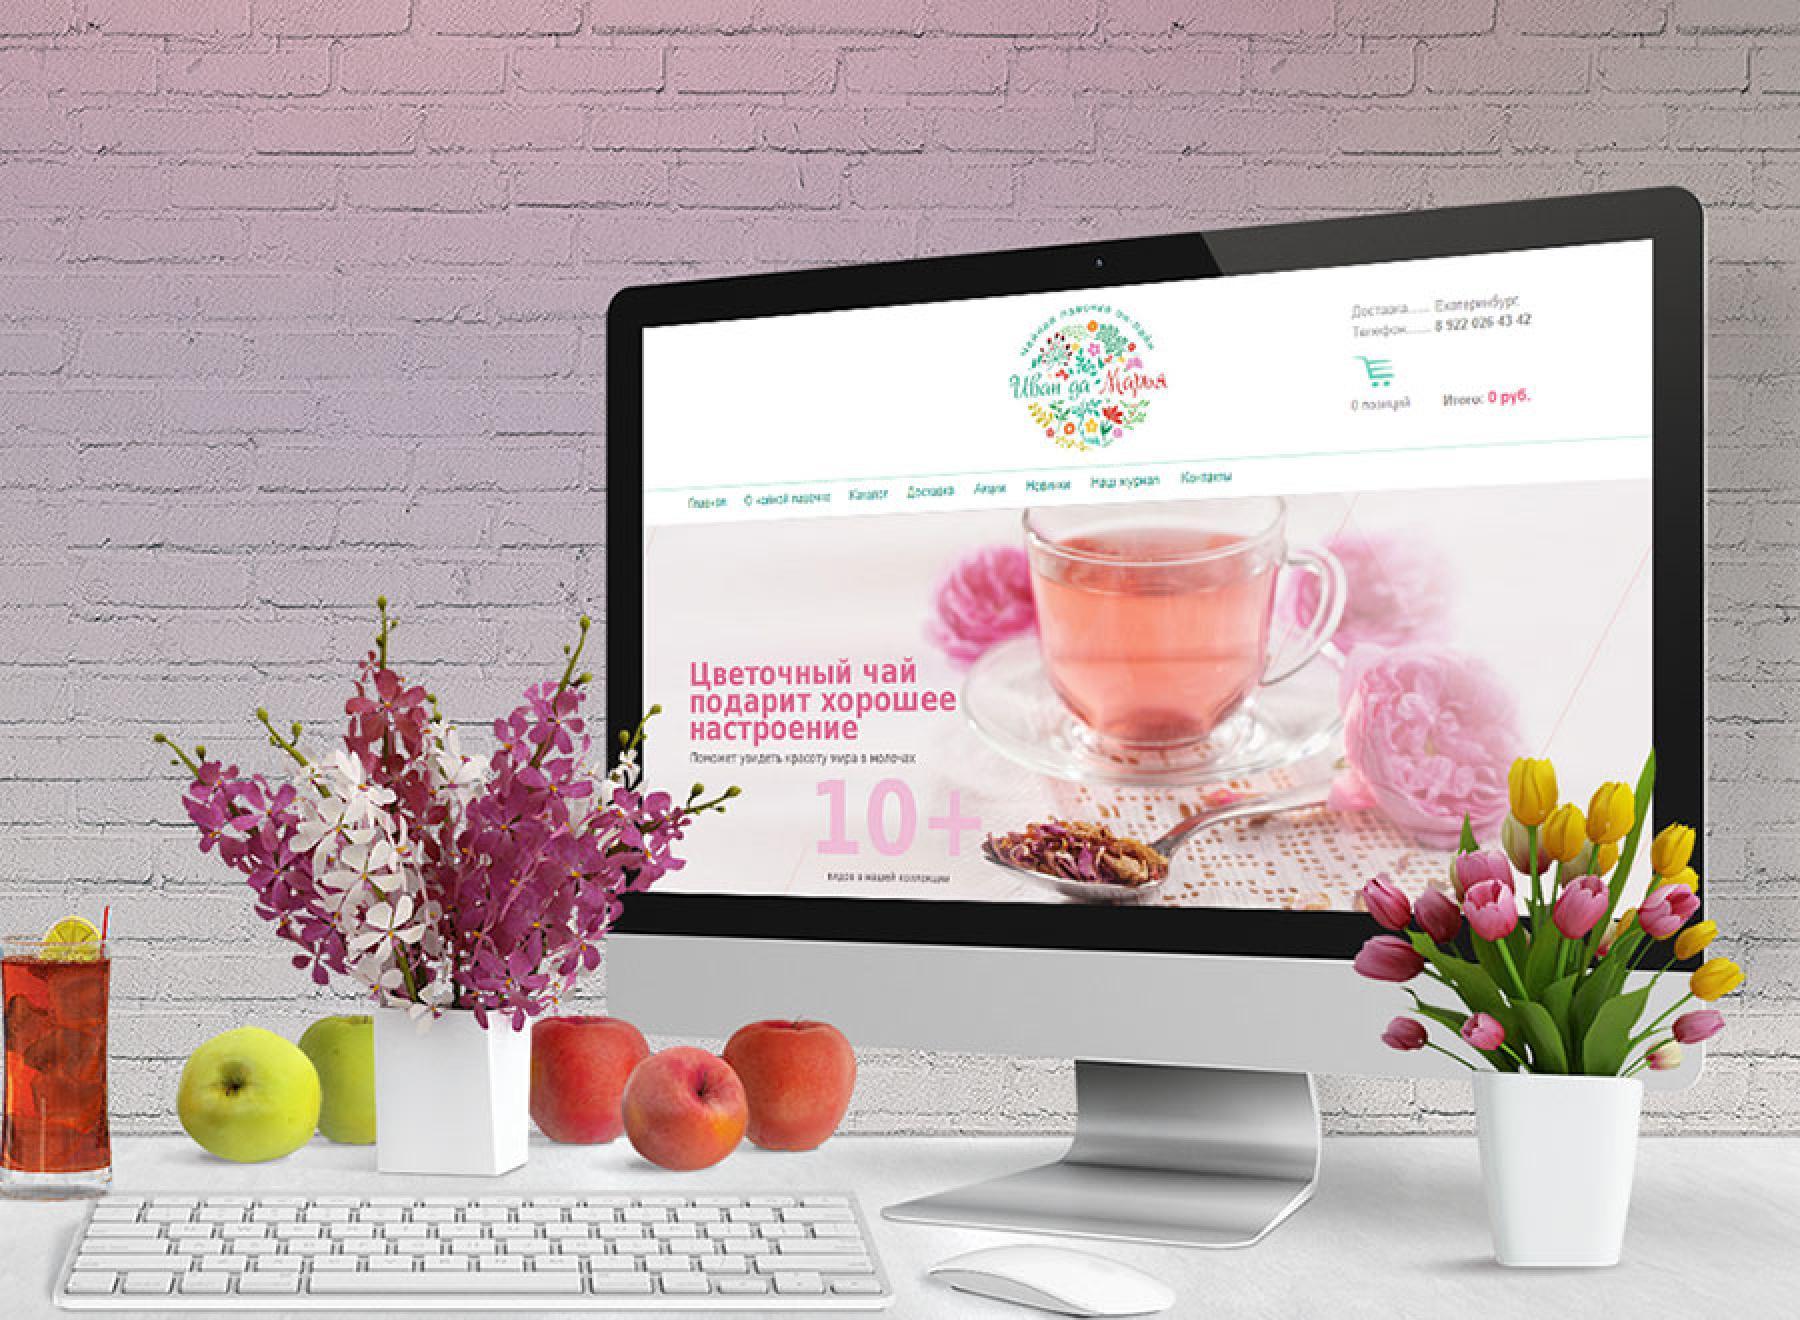 Сайт чайного магазина, презентация коллекции цветочного чая